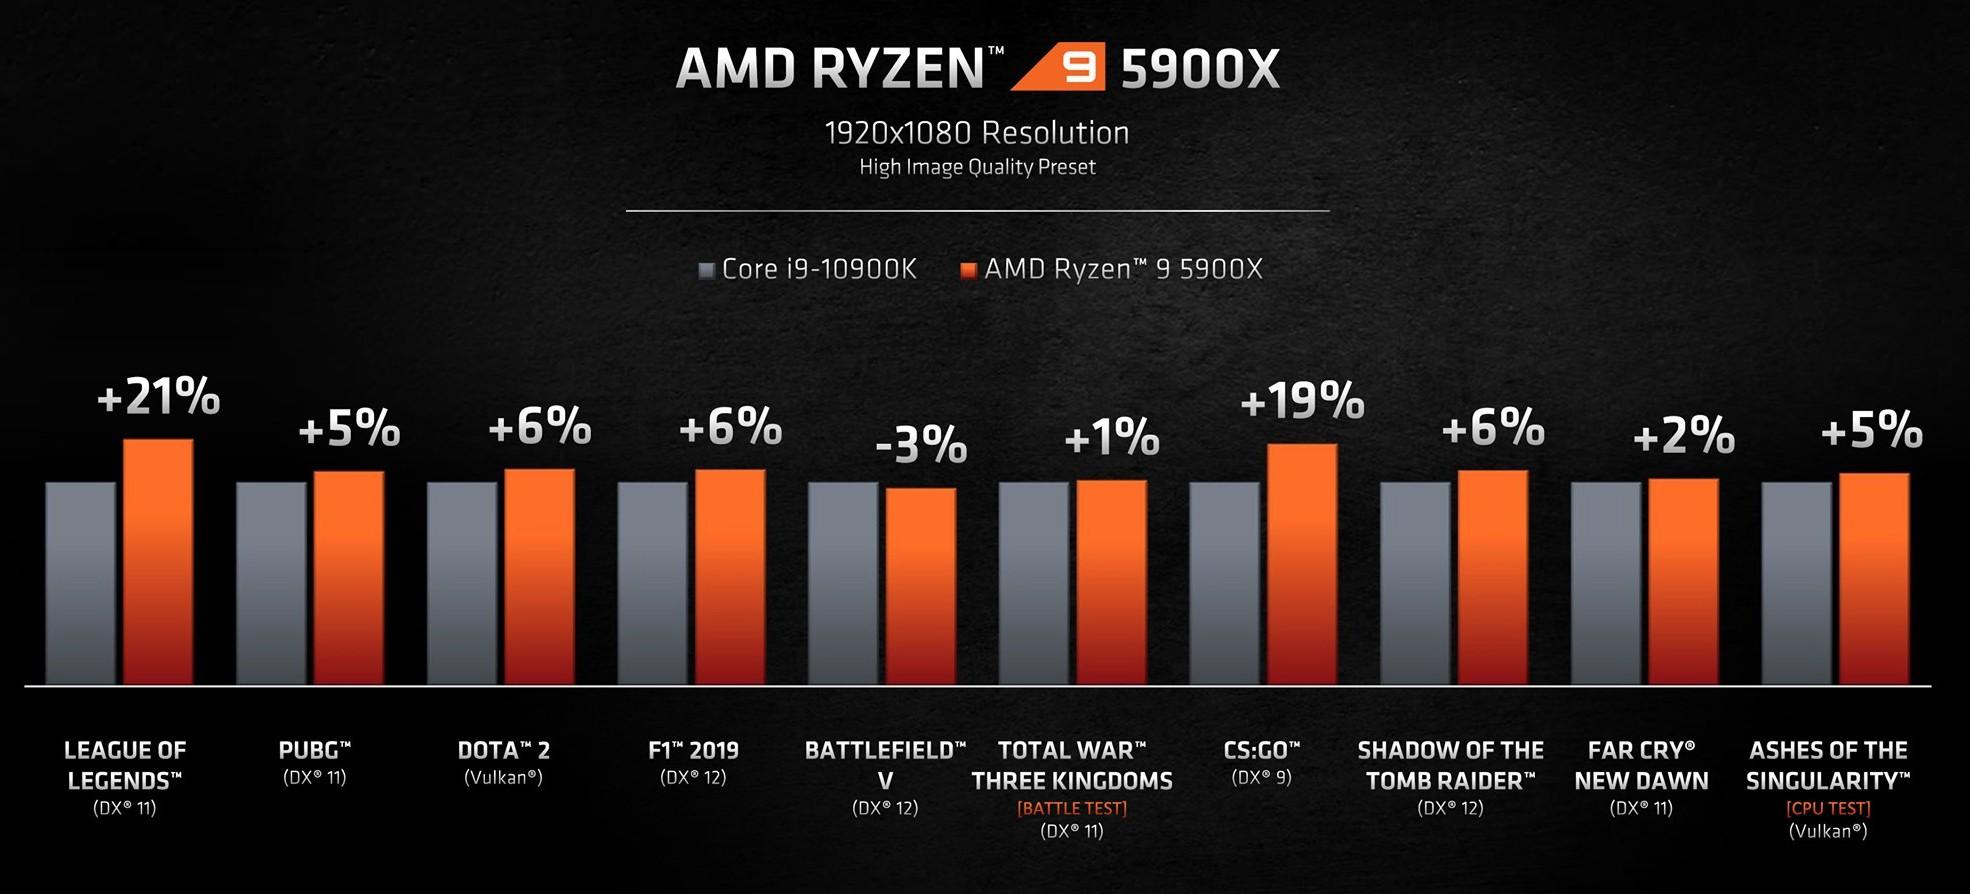 hiệu năng gaming của Ryzen 9 5900X ở 1080p